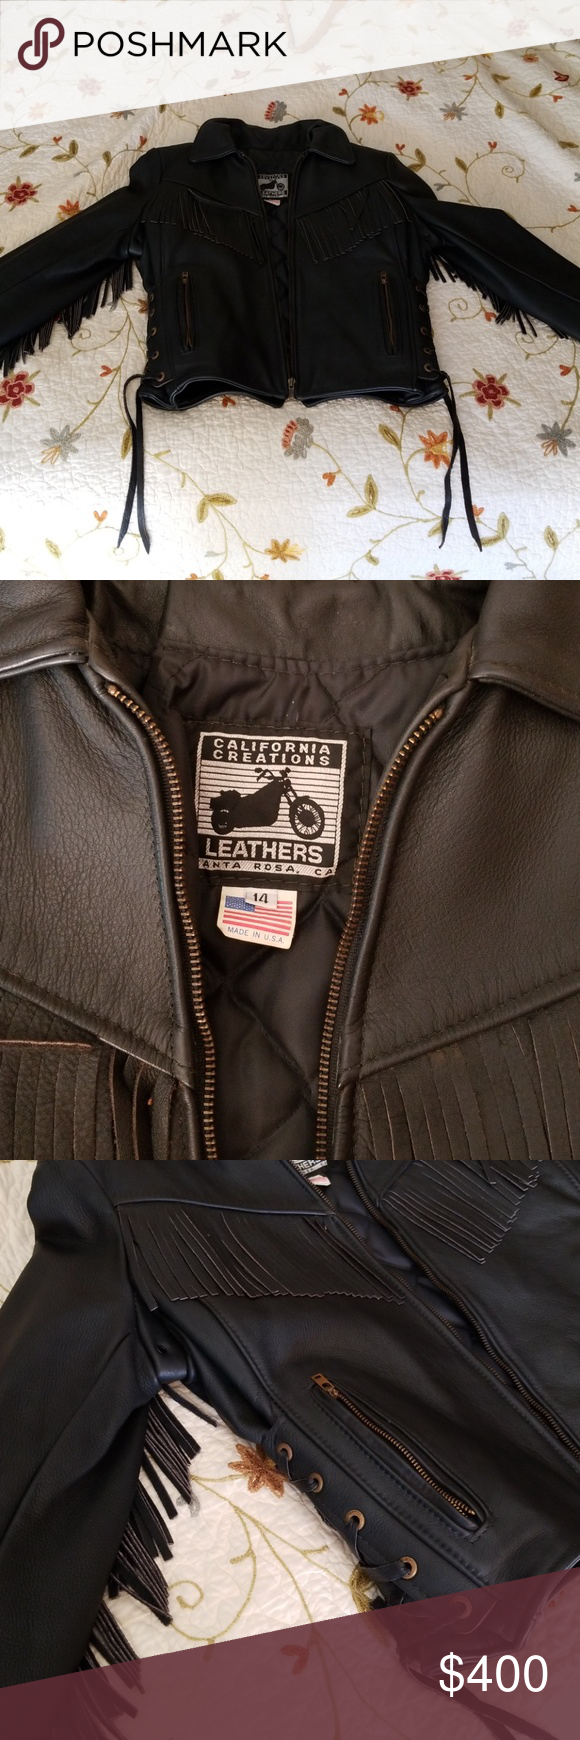 Womens black leather fringed motorcycle jacket Black